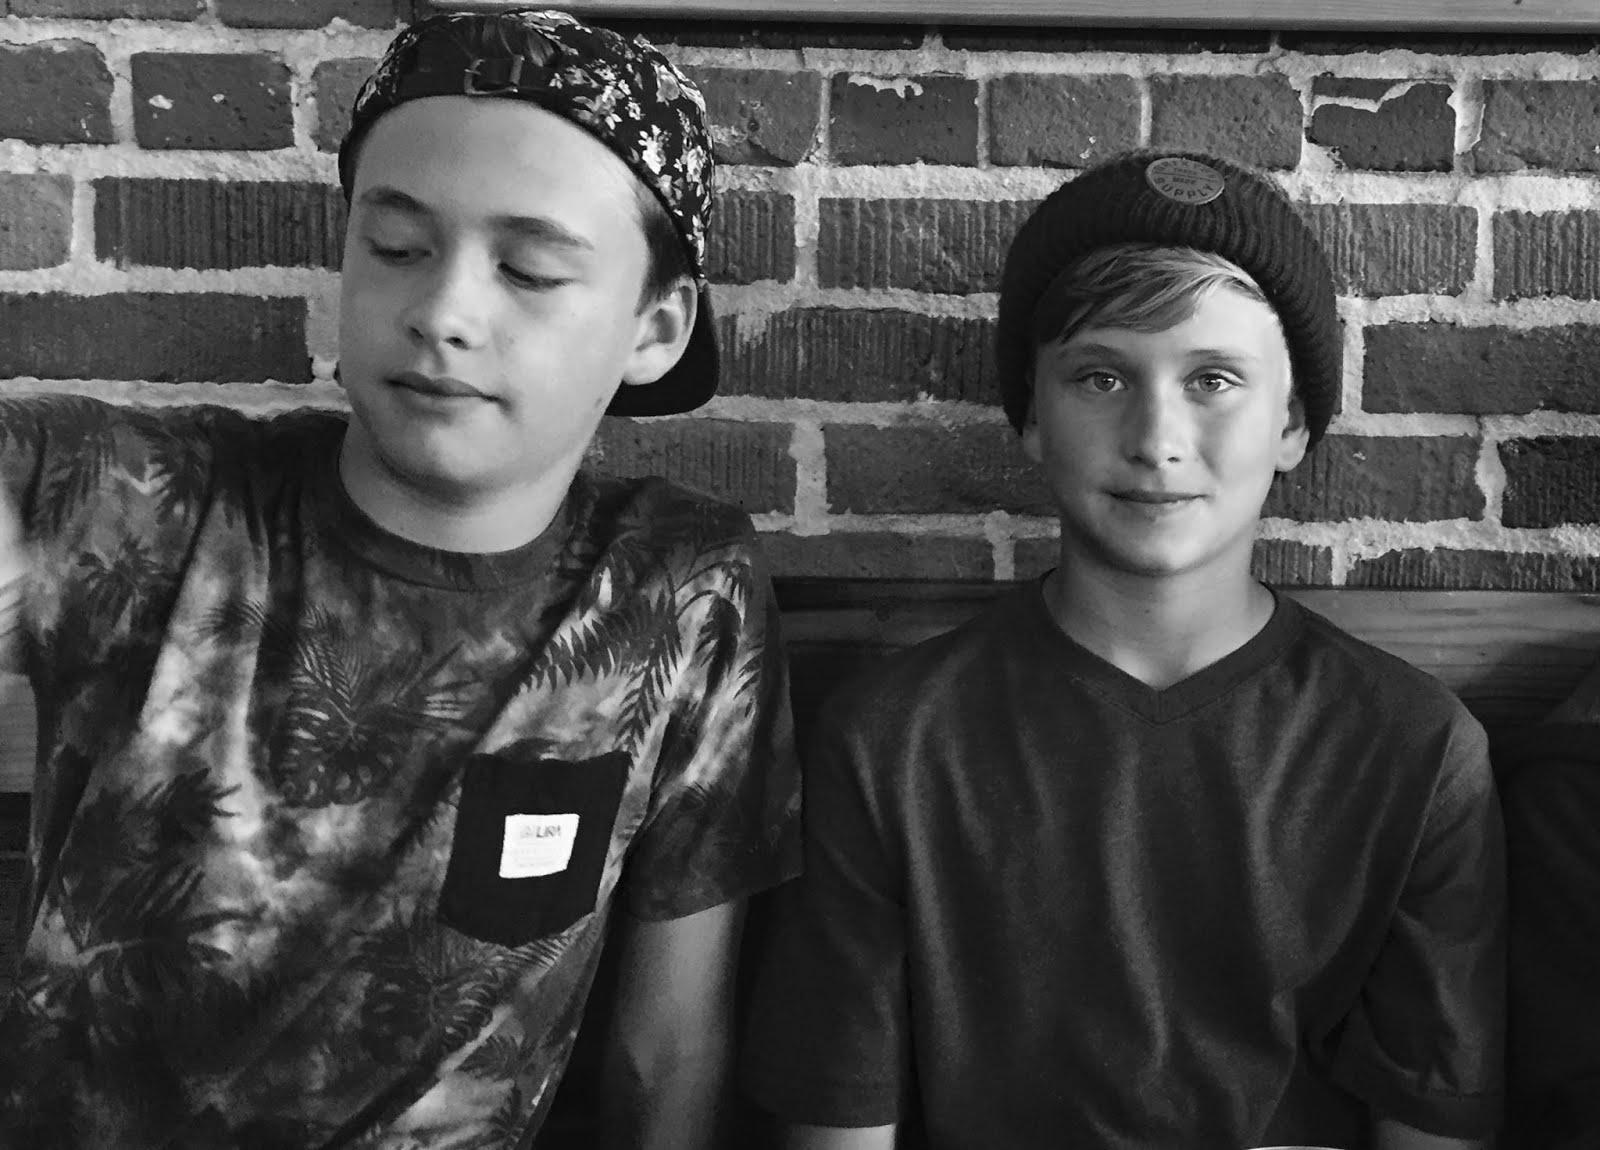 Ethan and Wyatt